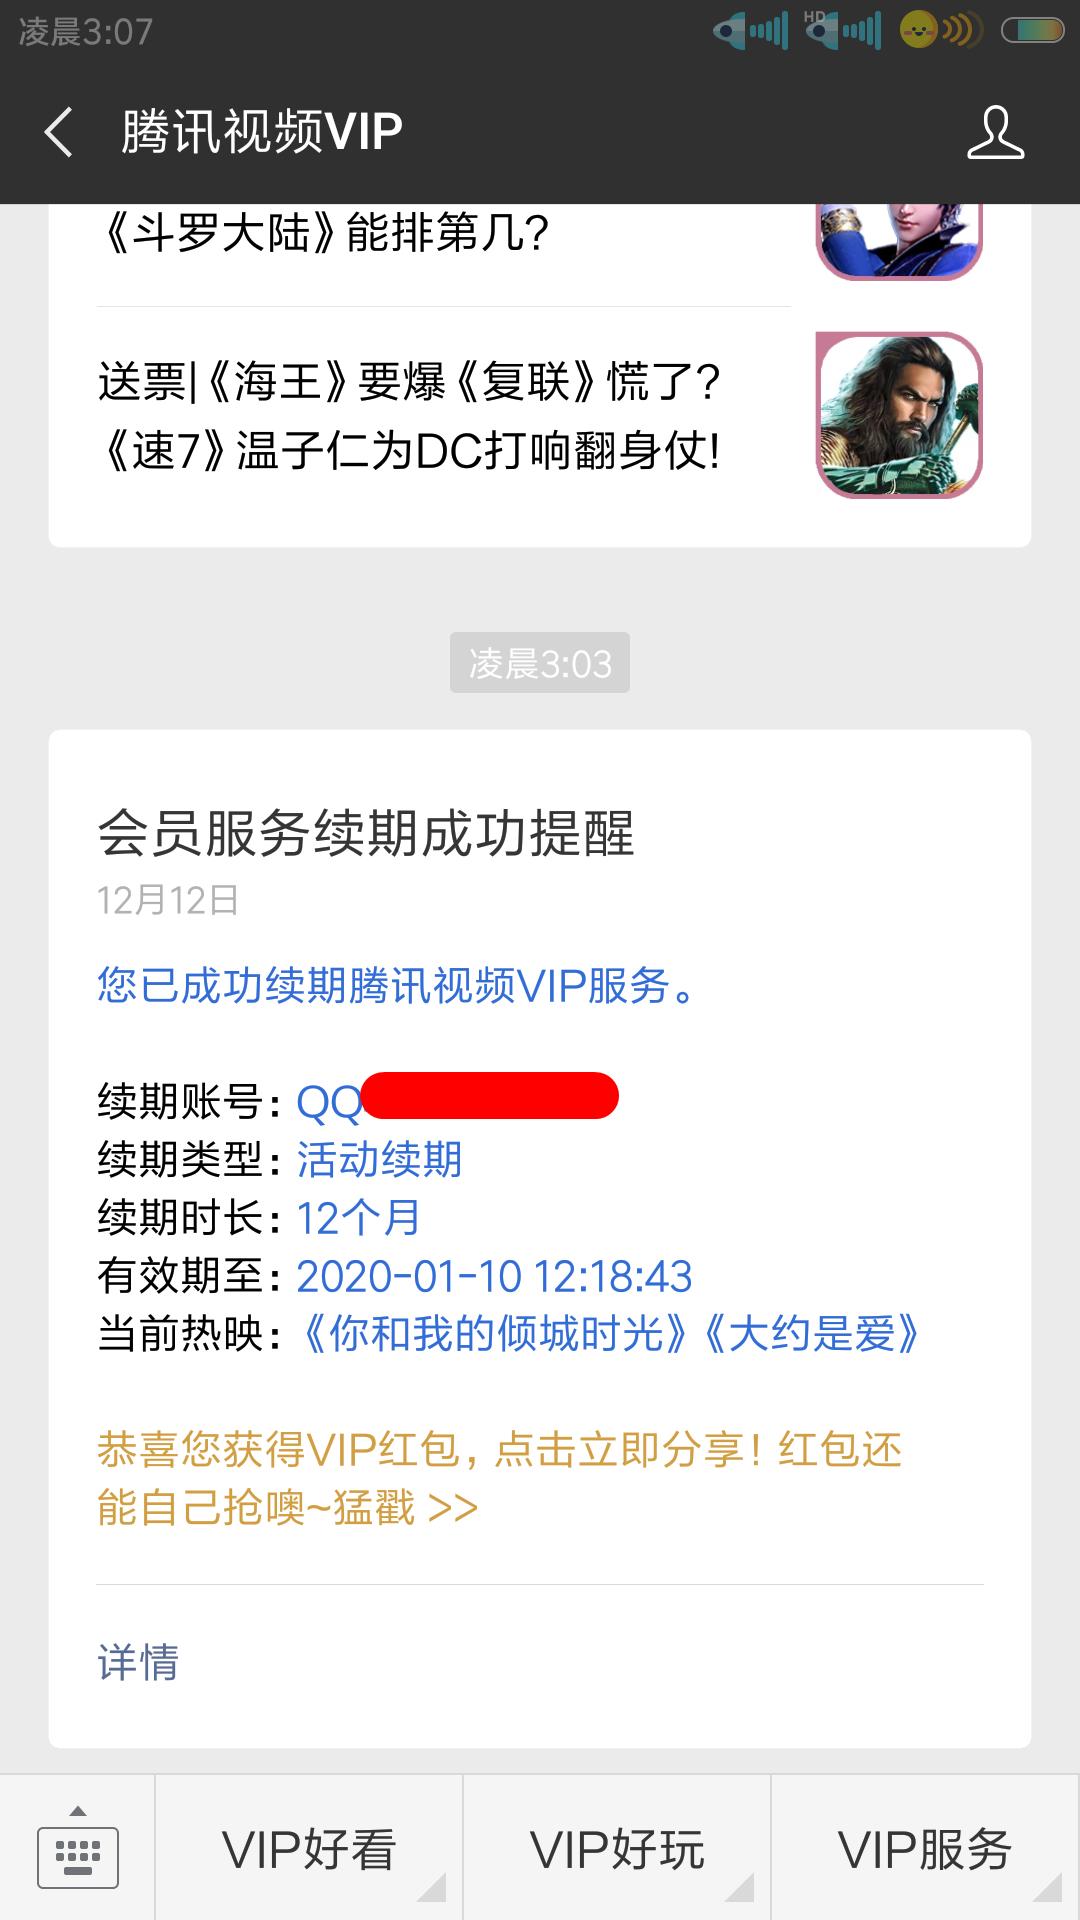 【券后99+送20Q币】腾讯视频VIP会员12个月年卡,相当于79元一年,小编亲测充值成功!插图2